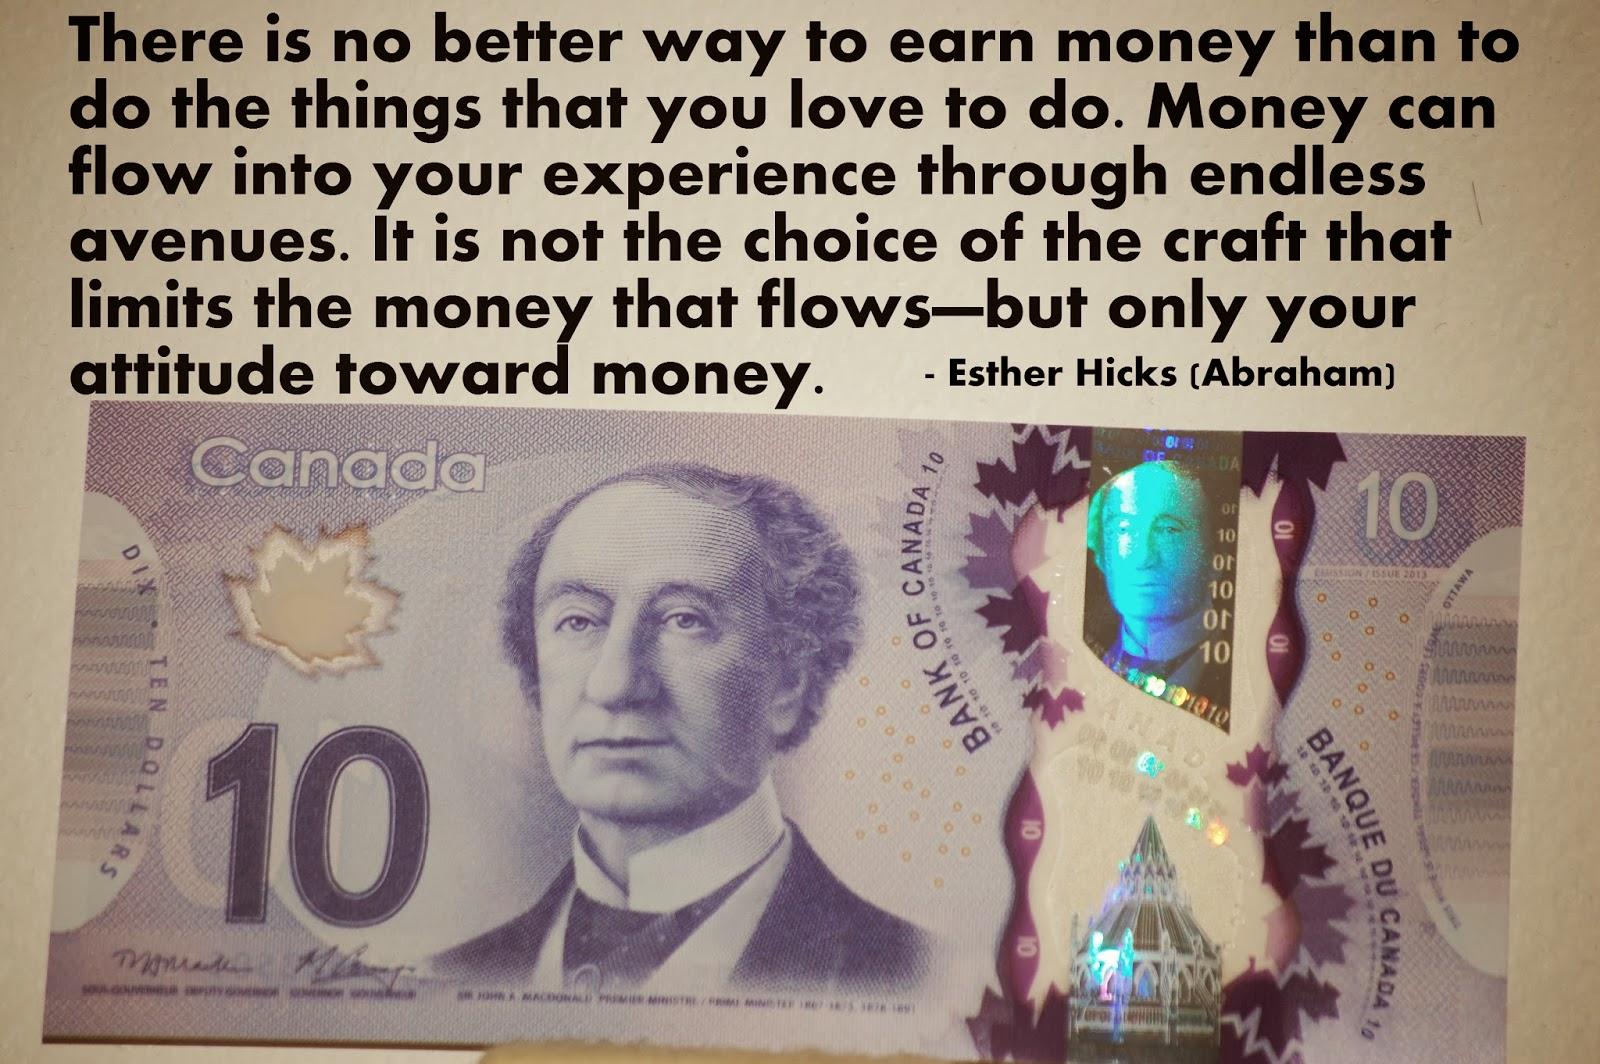 two attitudes toward money